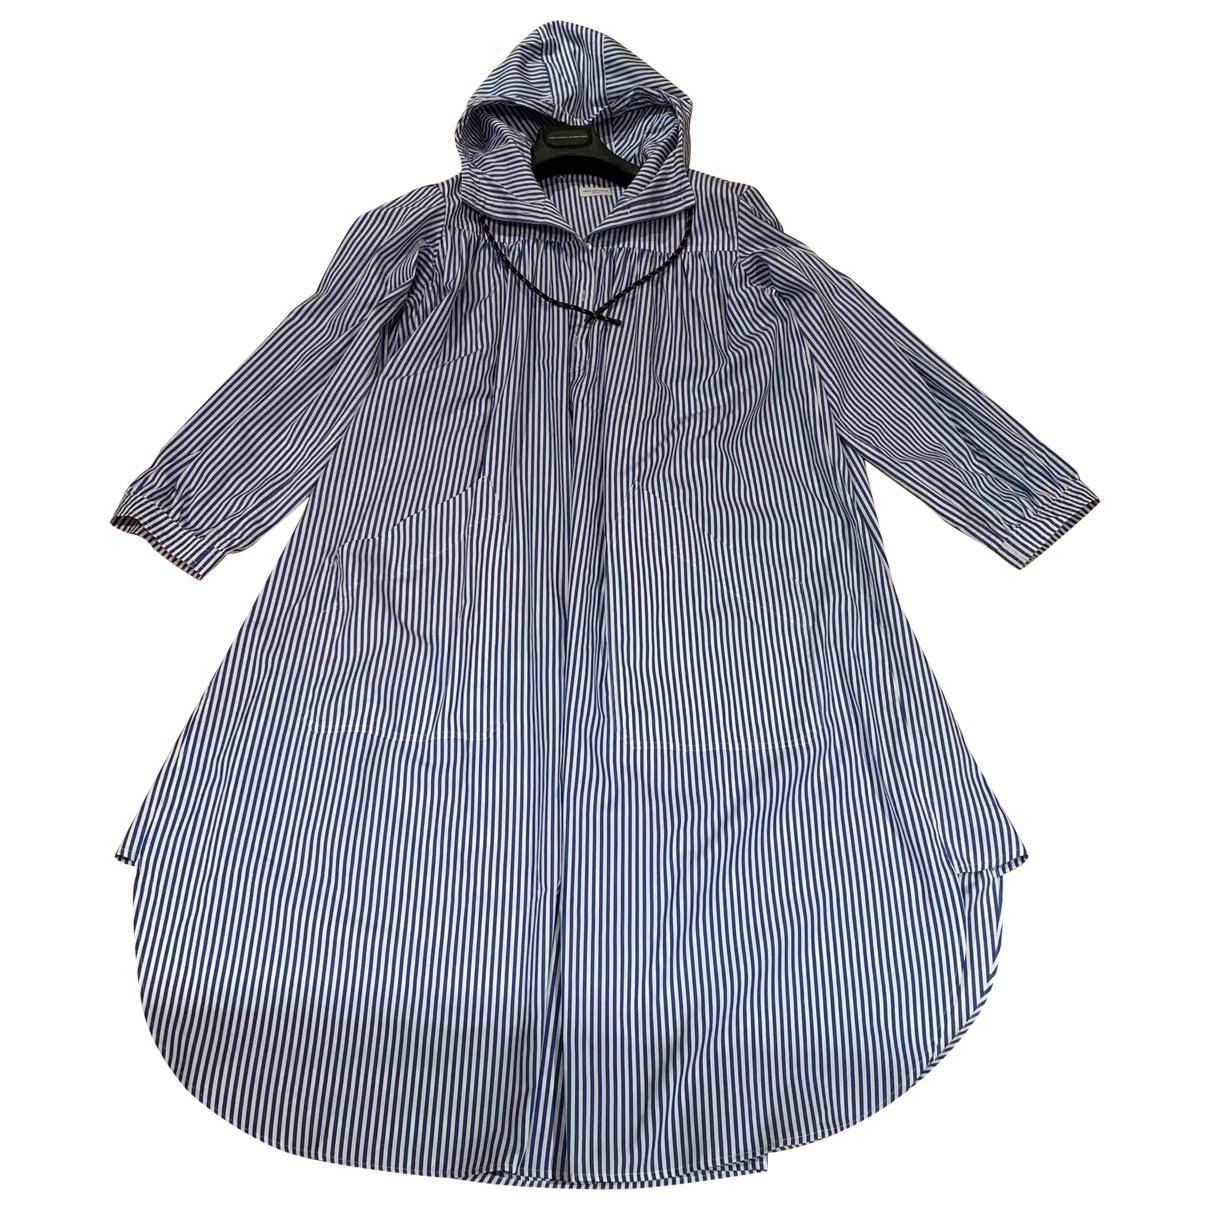 Dries Van Noten \N Blue Cotton dress for Women M International